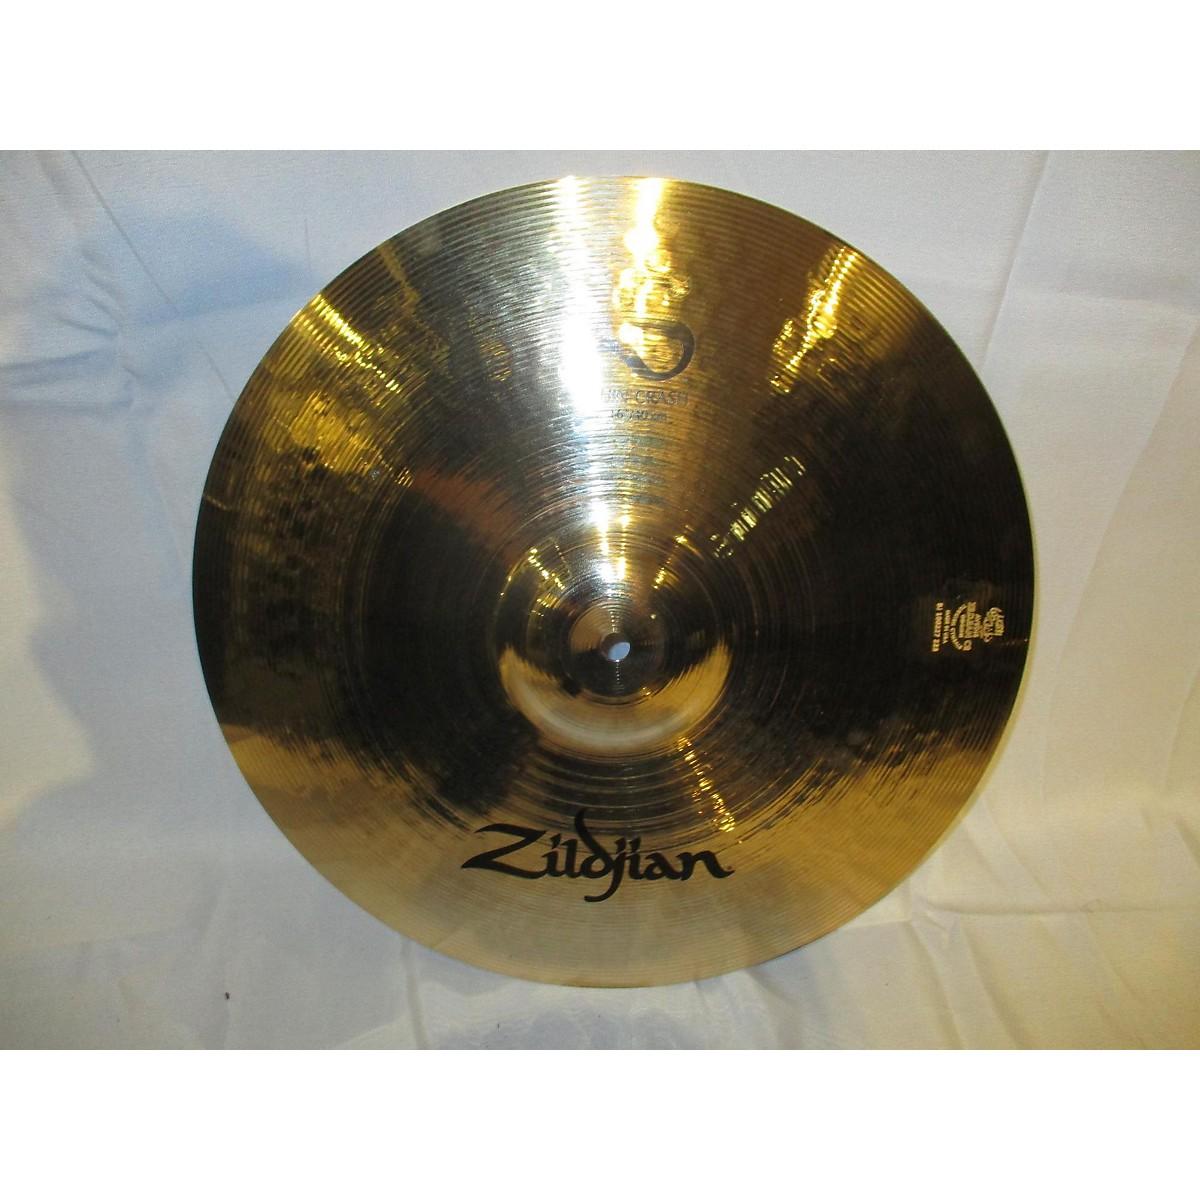 Zildjian 16in S Family Thin Crash Cymbal